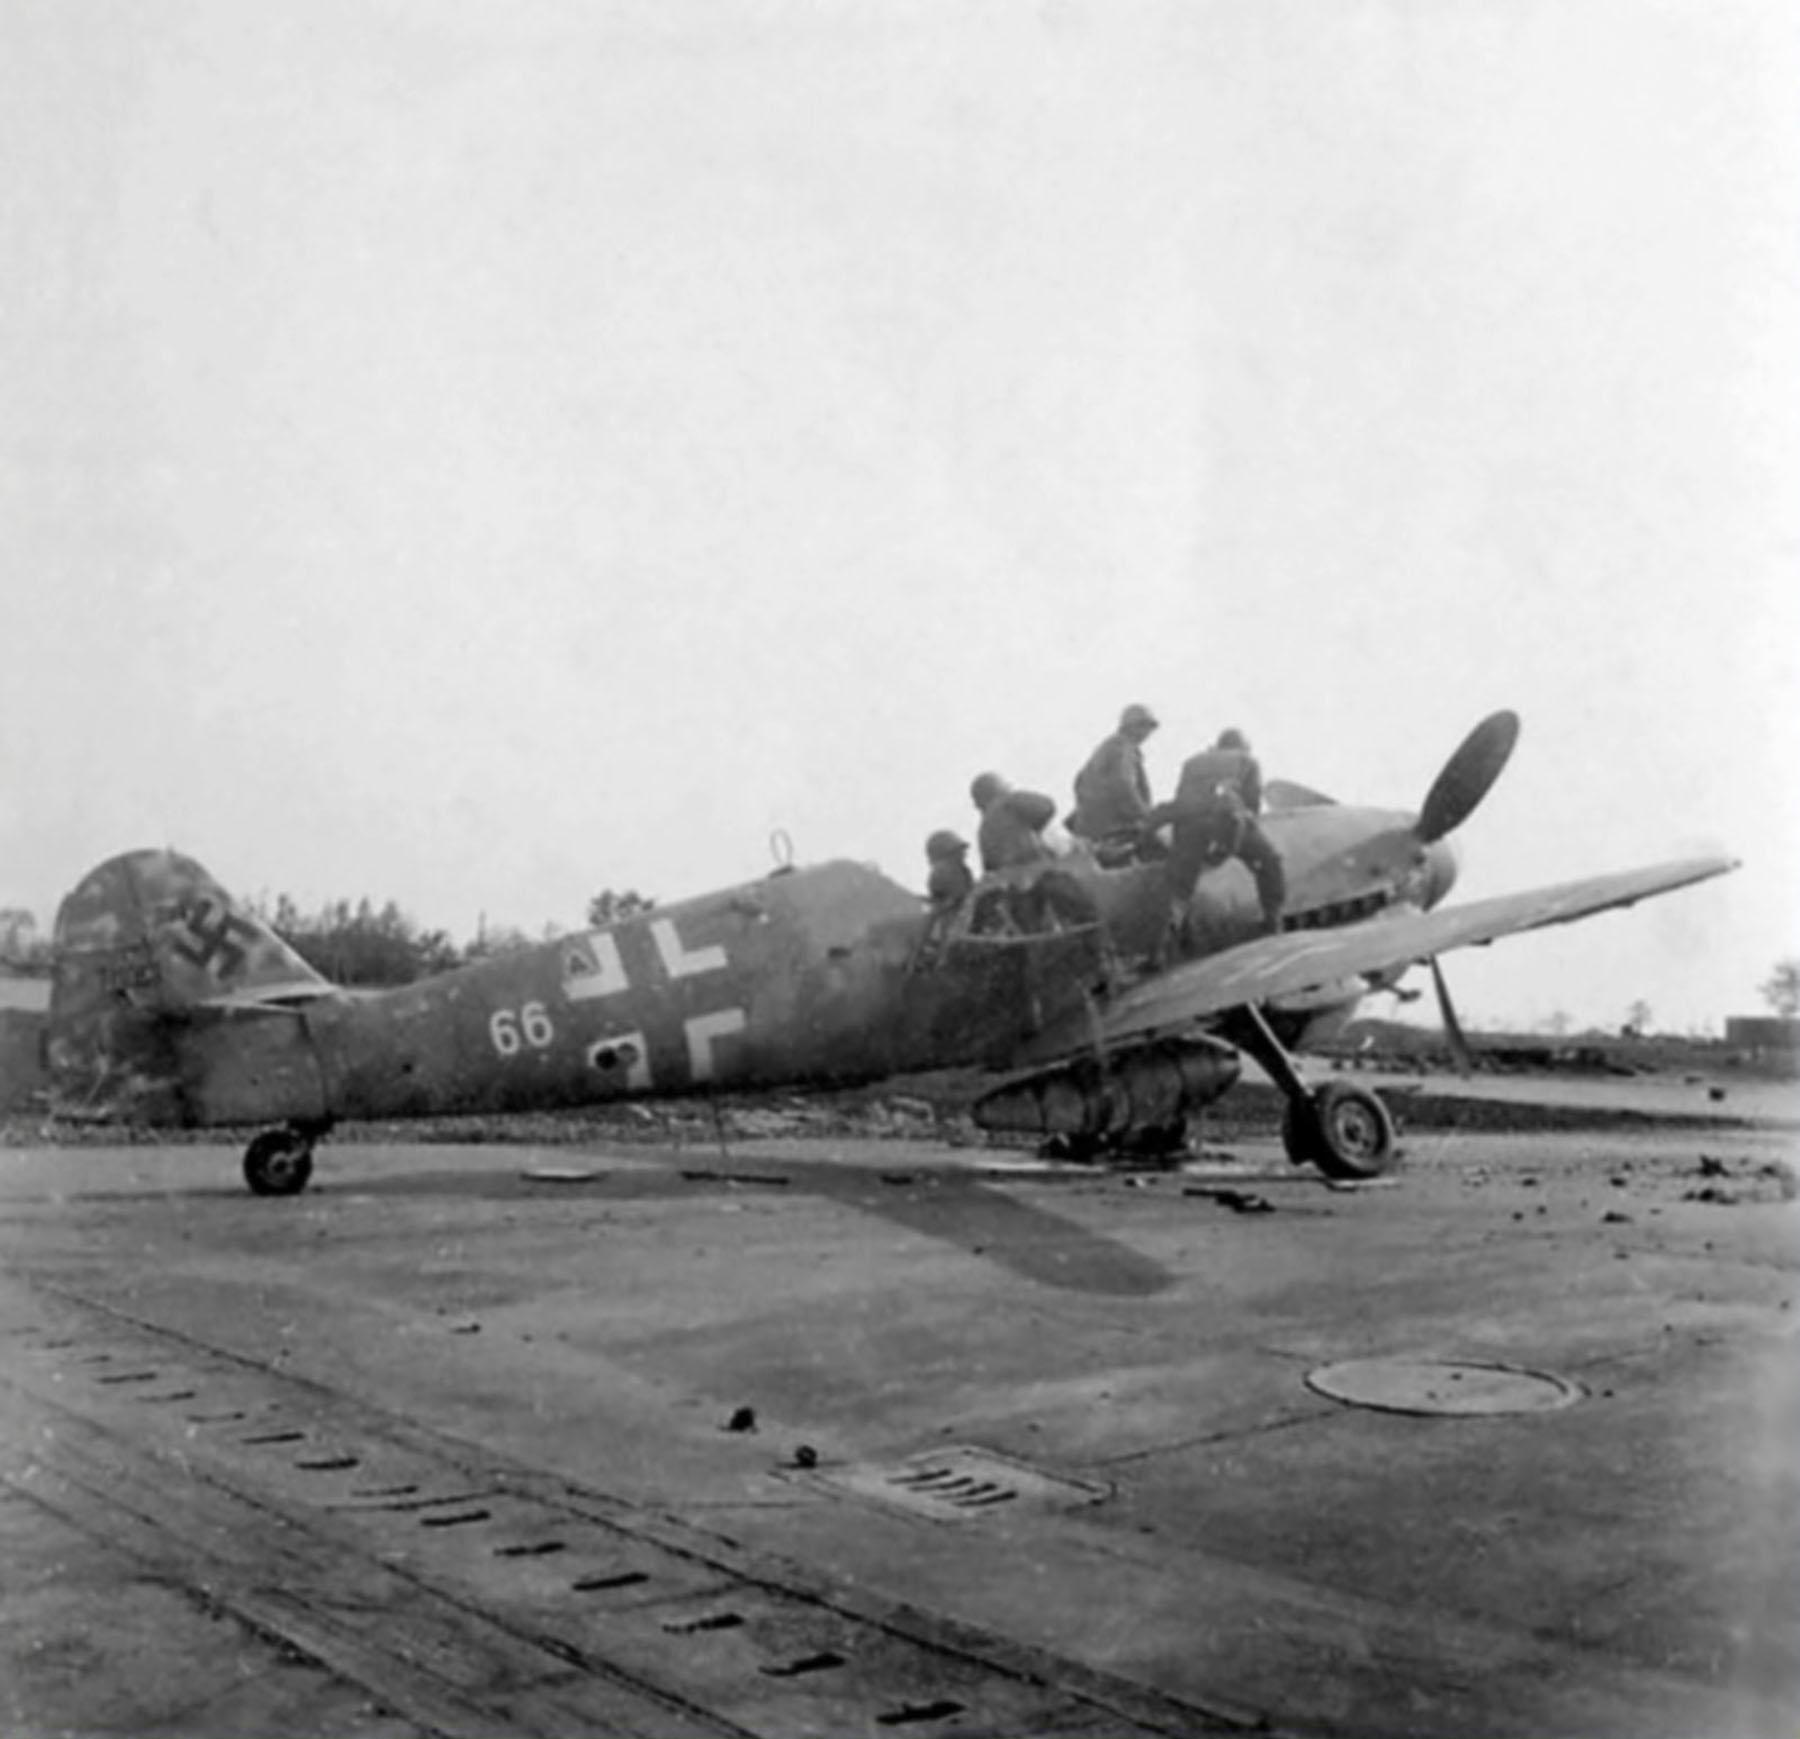 Messerschmitt Bf 109G10R3 Erla Reichsverteidigung White 66 WNr 770157 unknown unit and pilot 1945 02